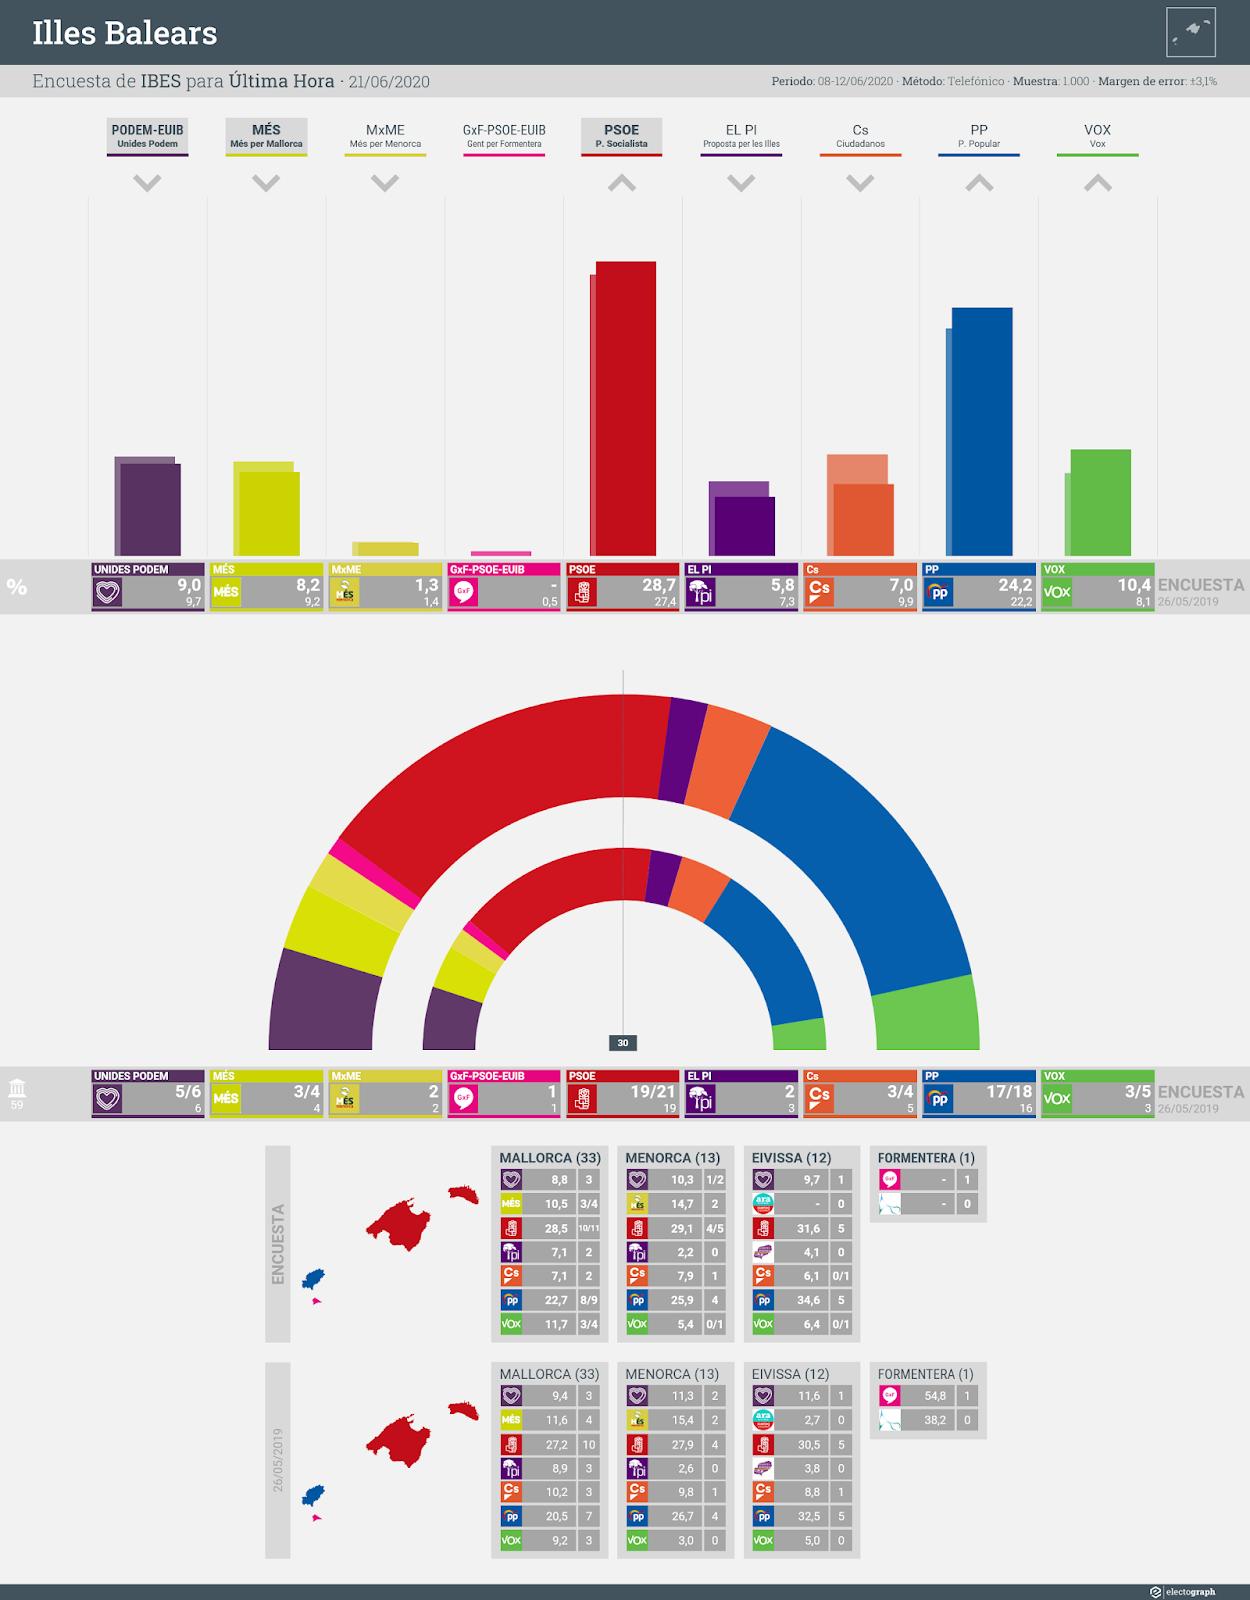 Gráfico de la encuesta para elecciones autonómicas en las Islas Baleares realizada por IBES para Última Hora, 21 de junio de 2020